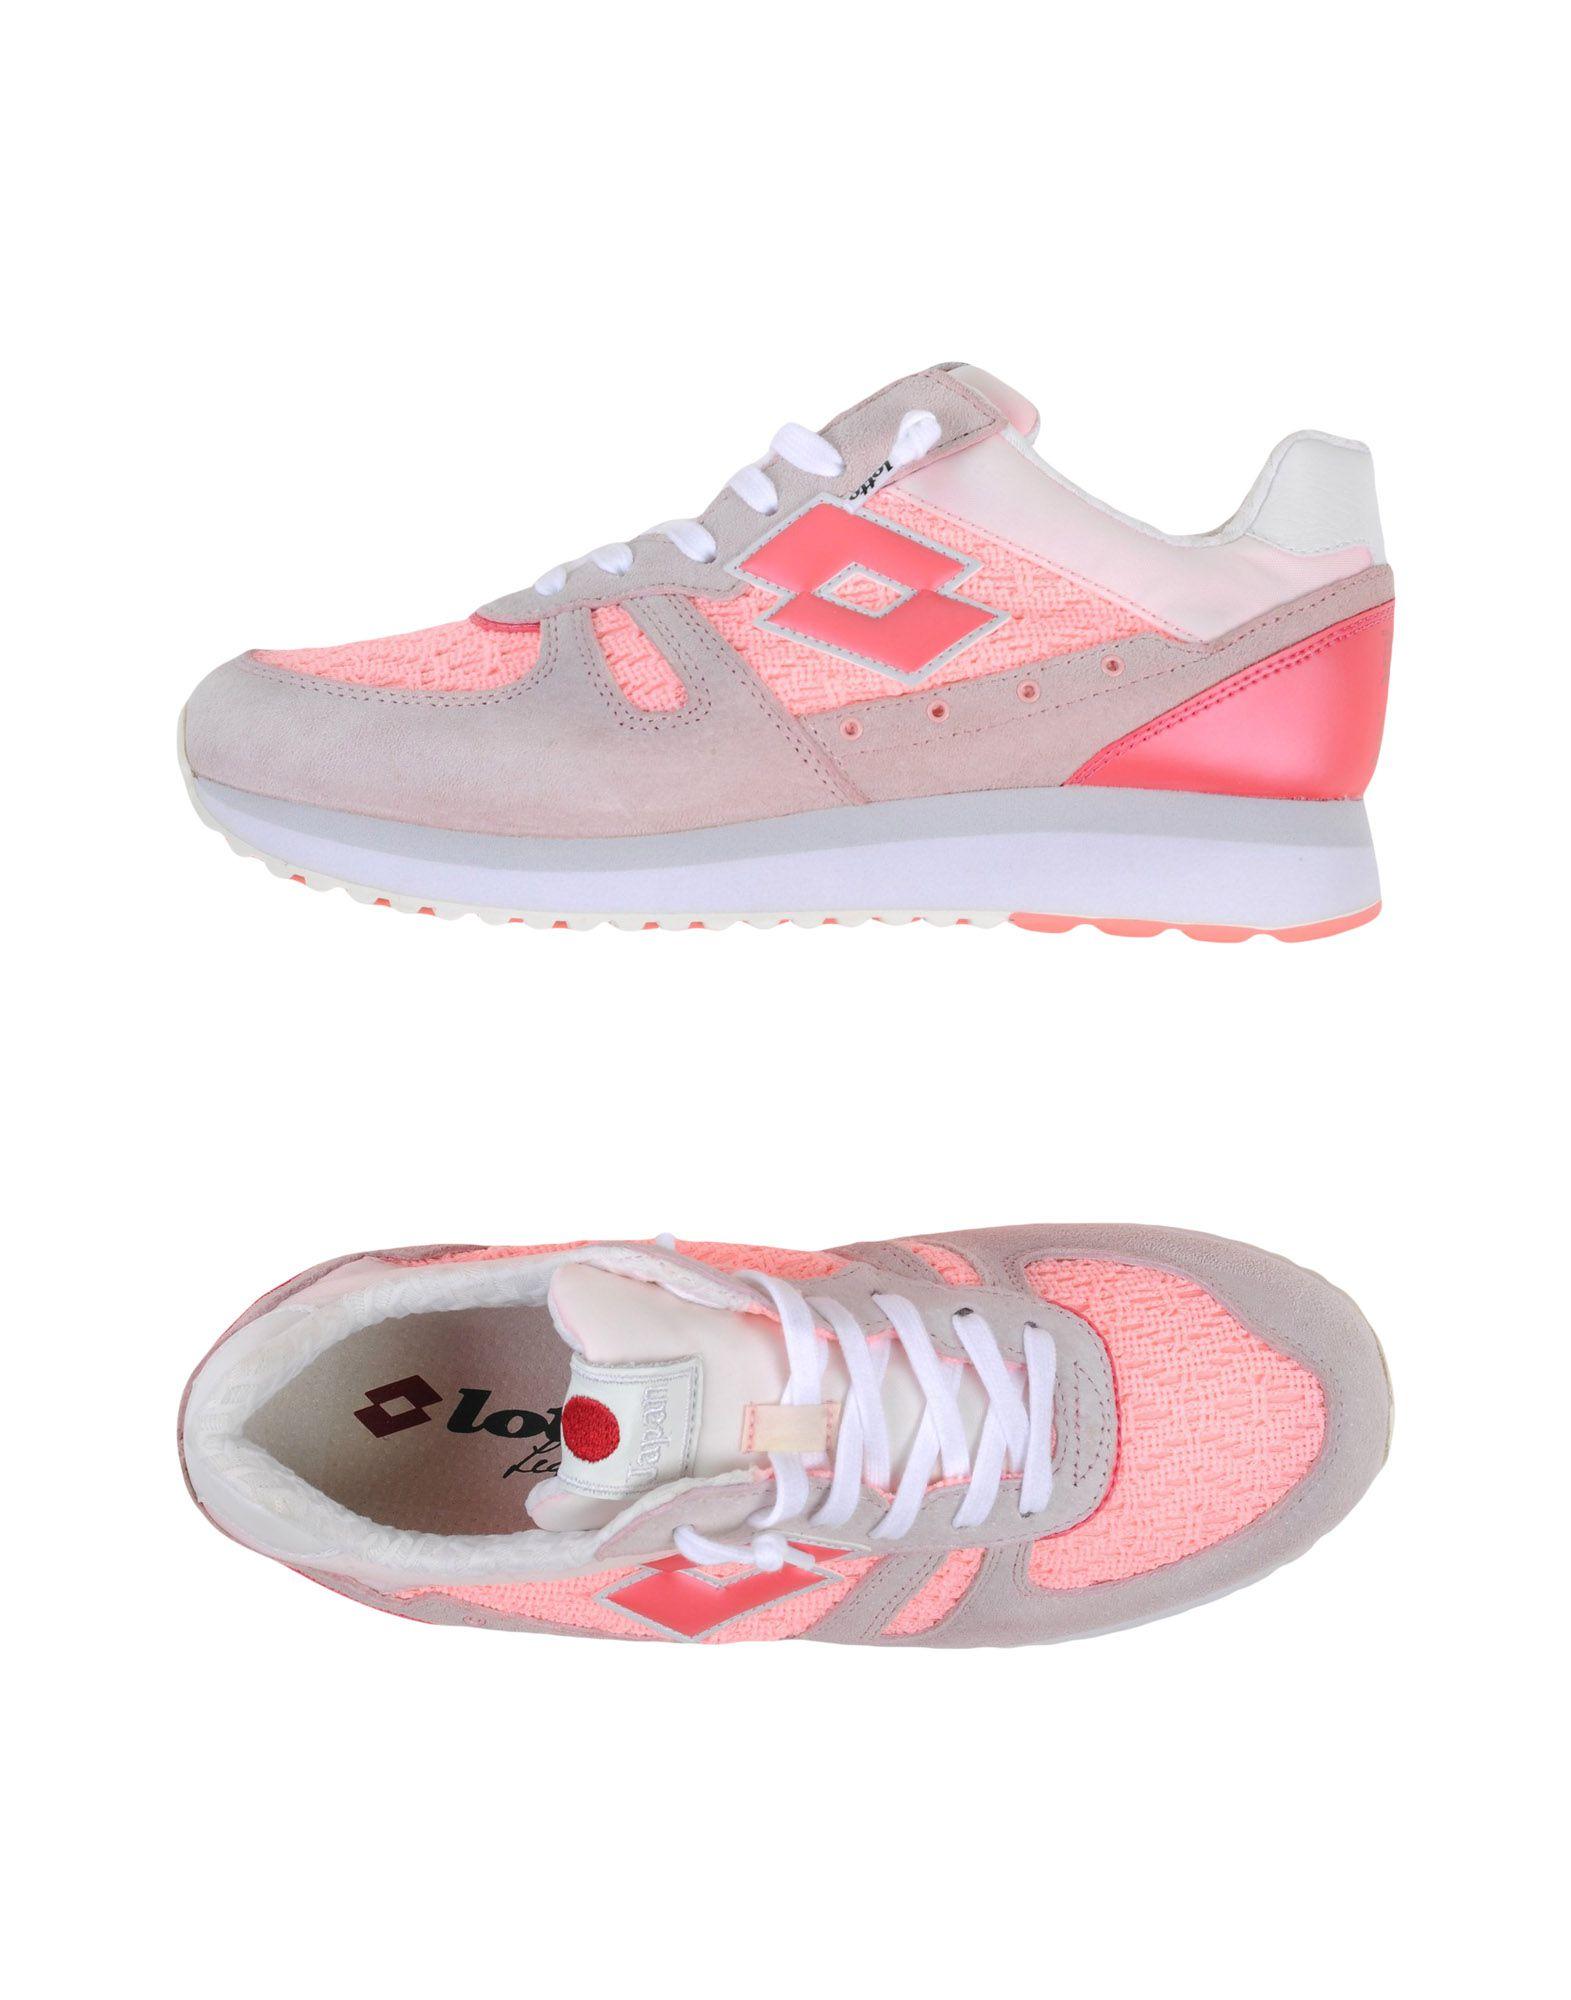 Lotto Leggenda Sneakers - Women Women Women Lotto Leggenda Sneakers online on  United Kingdom - 11129465HA 769220